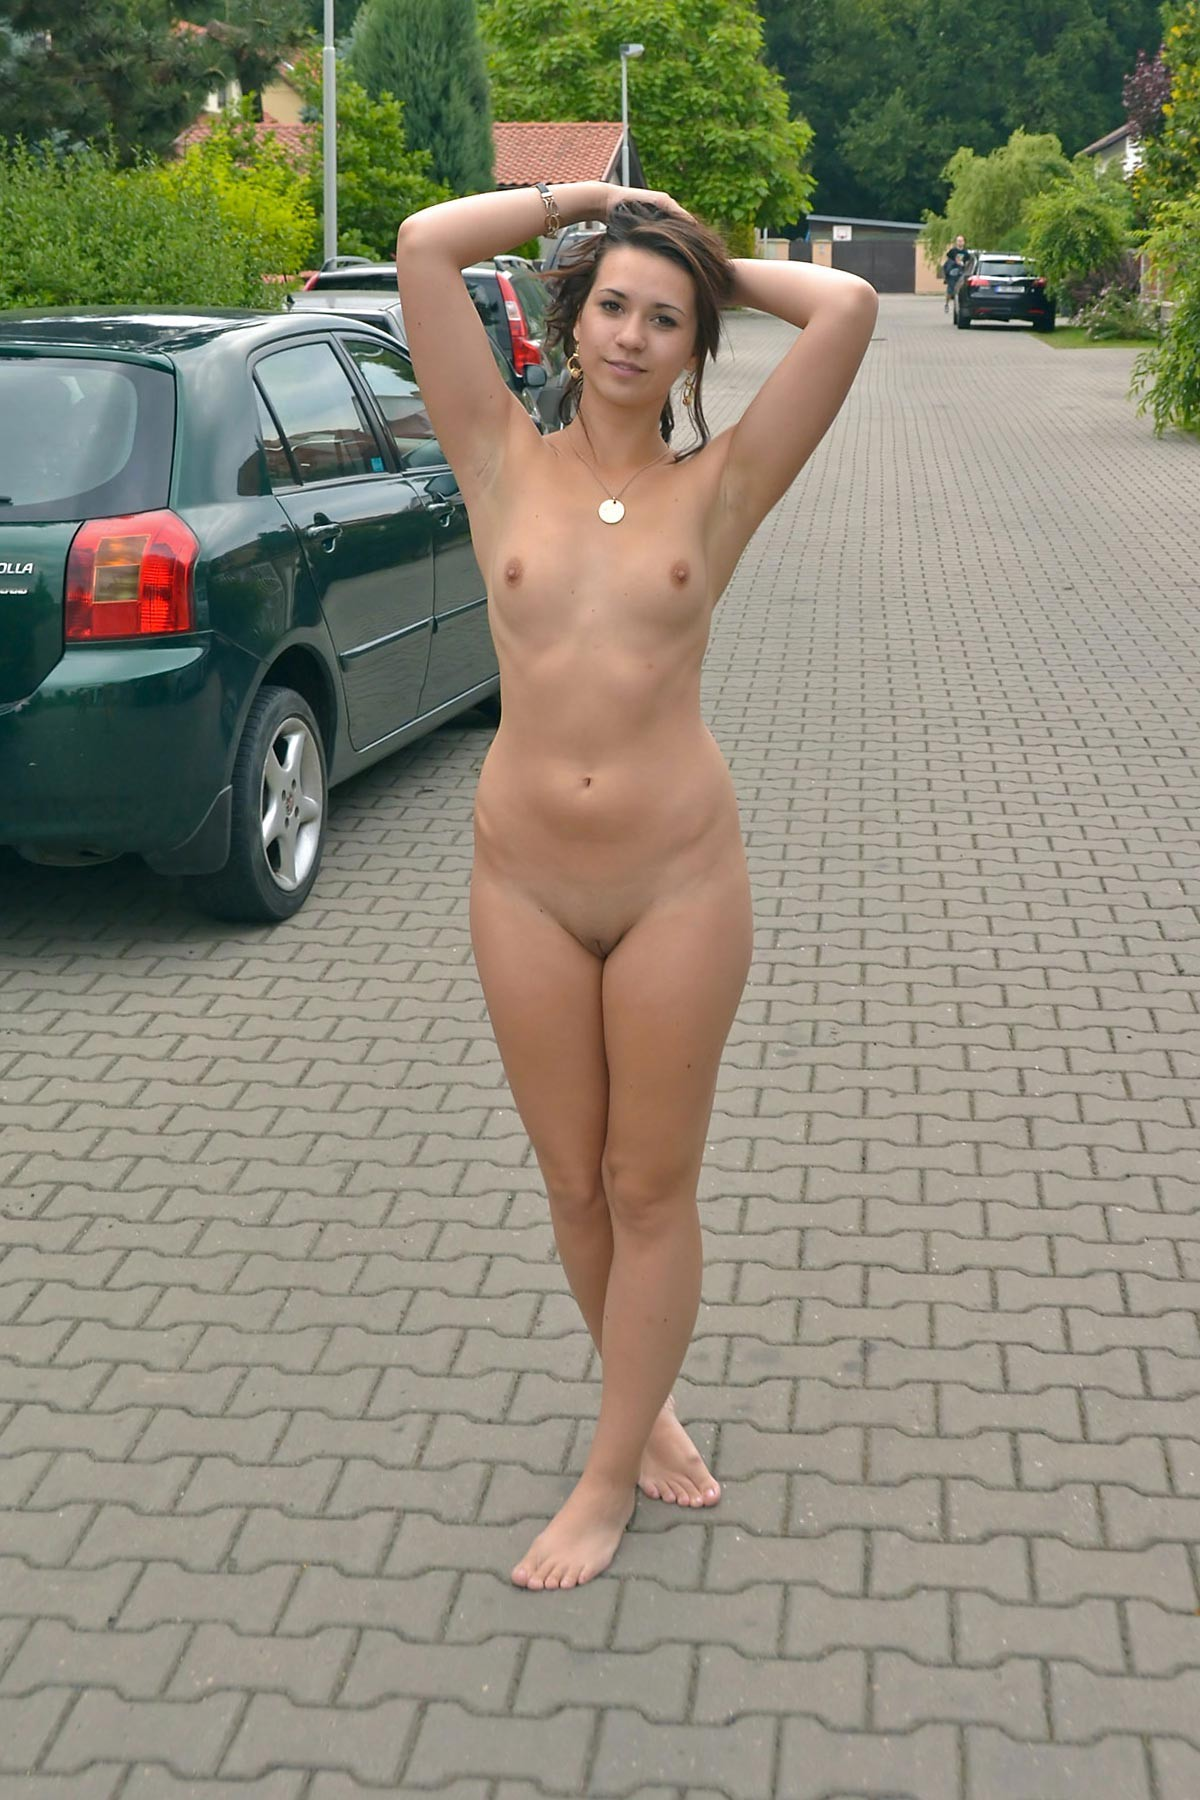 Голая девушка на остановке - фото